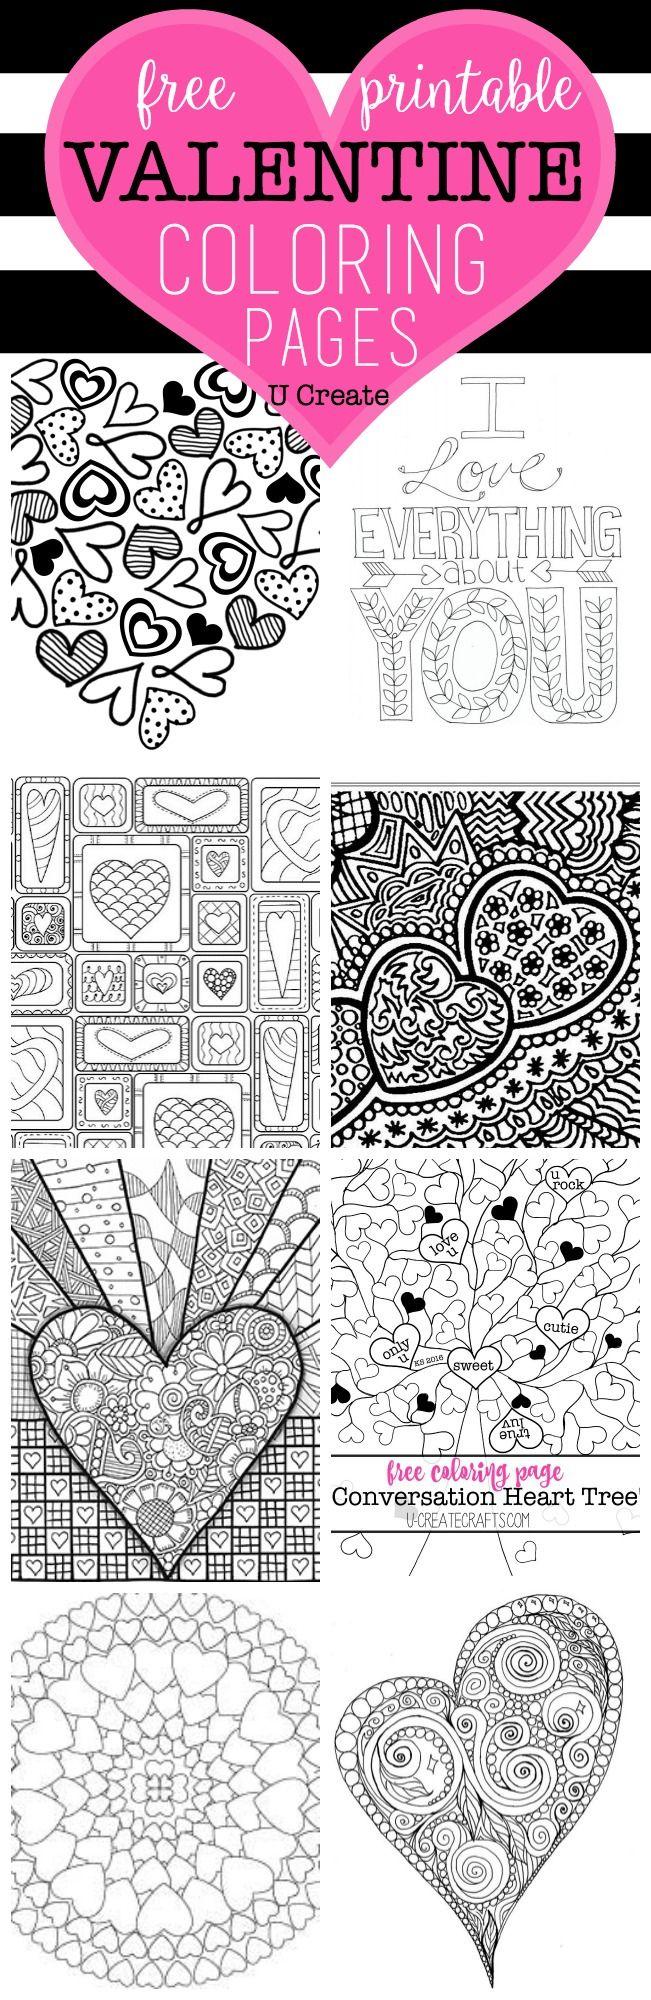 Free Valentine Coloring Pages | Zen, Basteln mit papier und Ausmalen